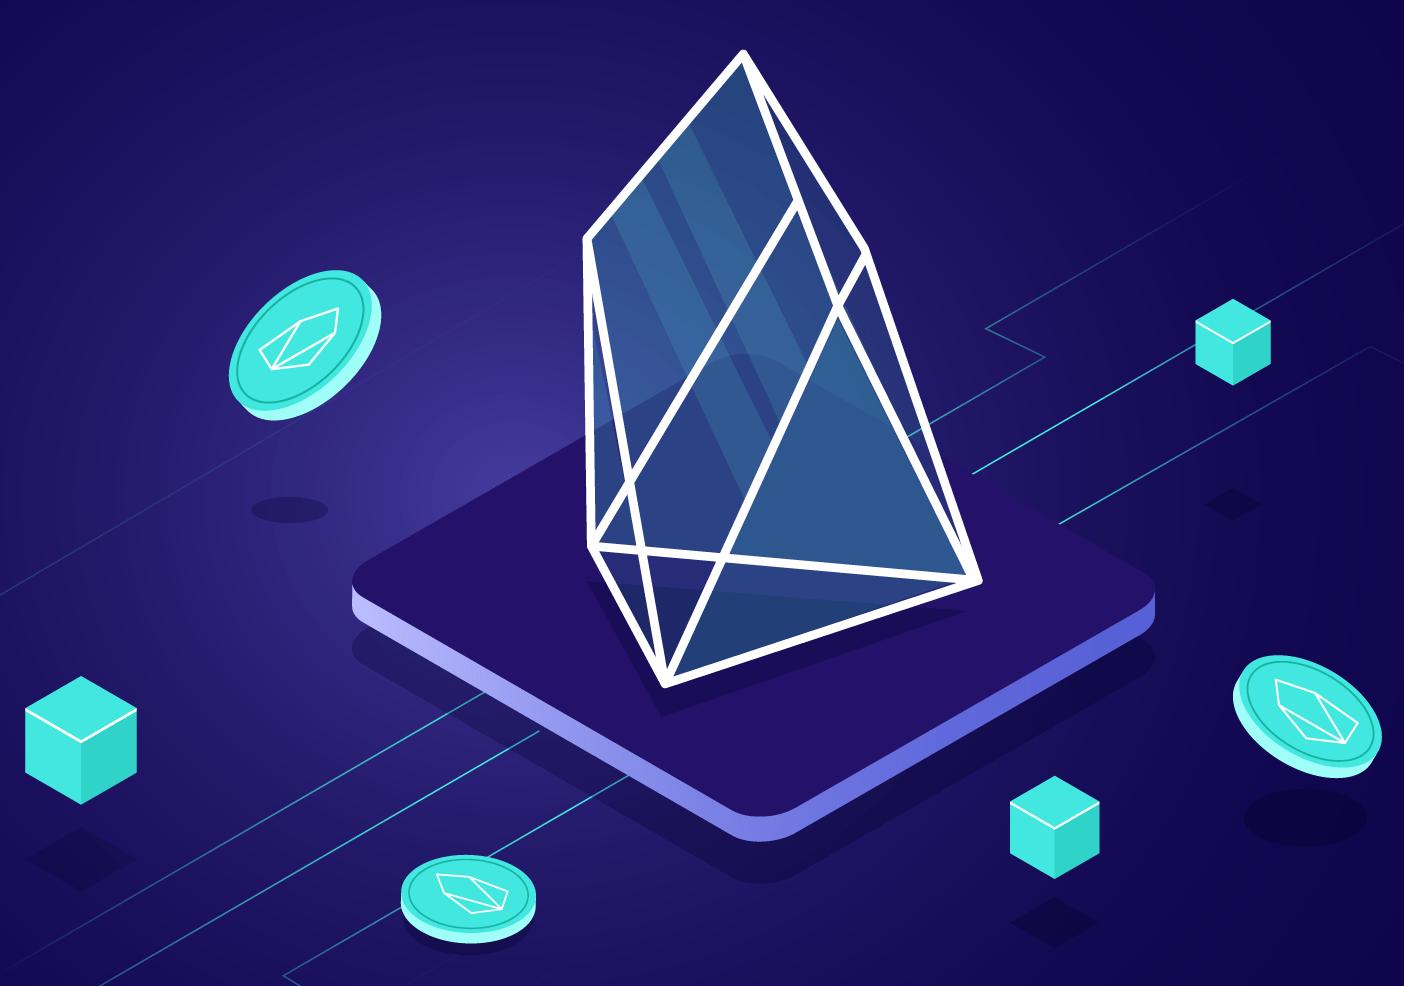 eosio blockchain by lumi wallet